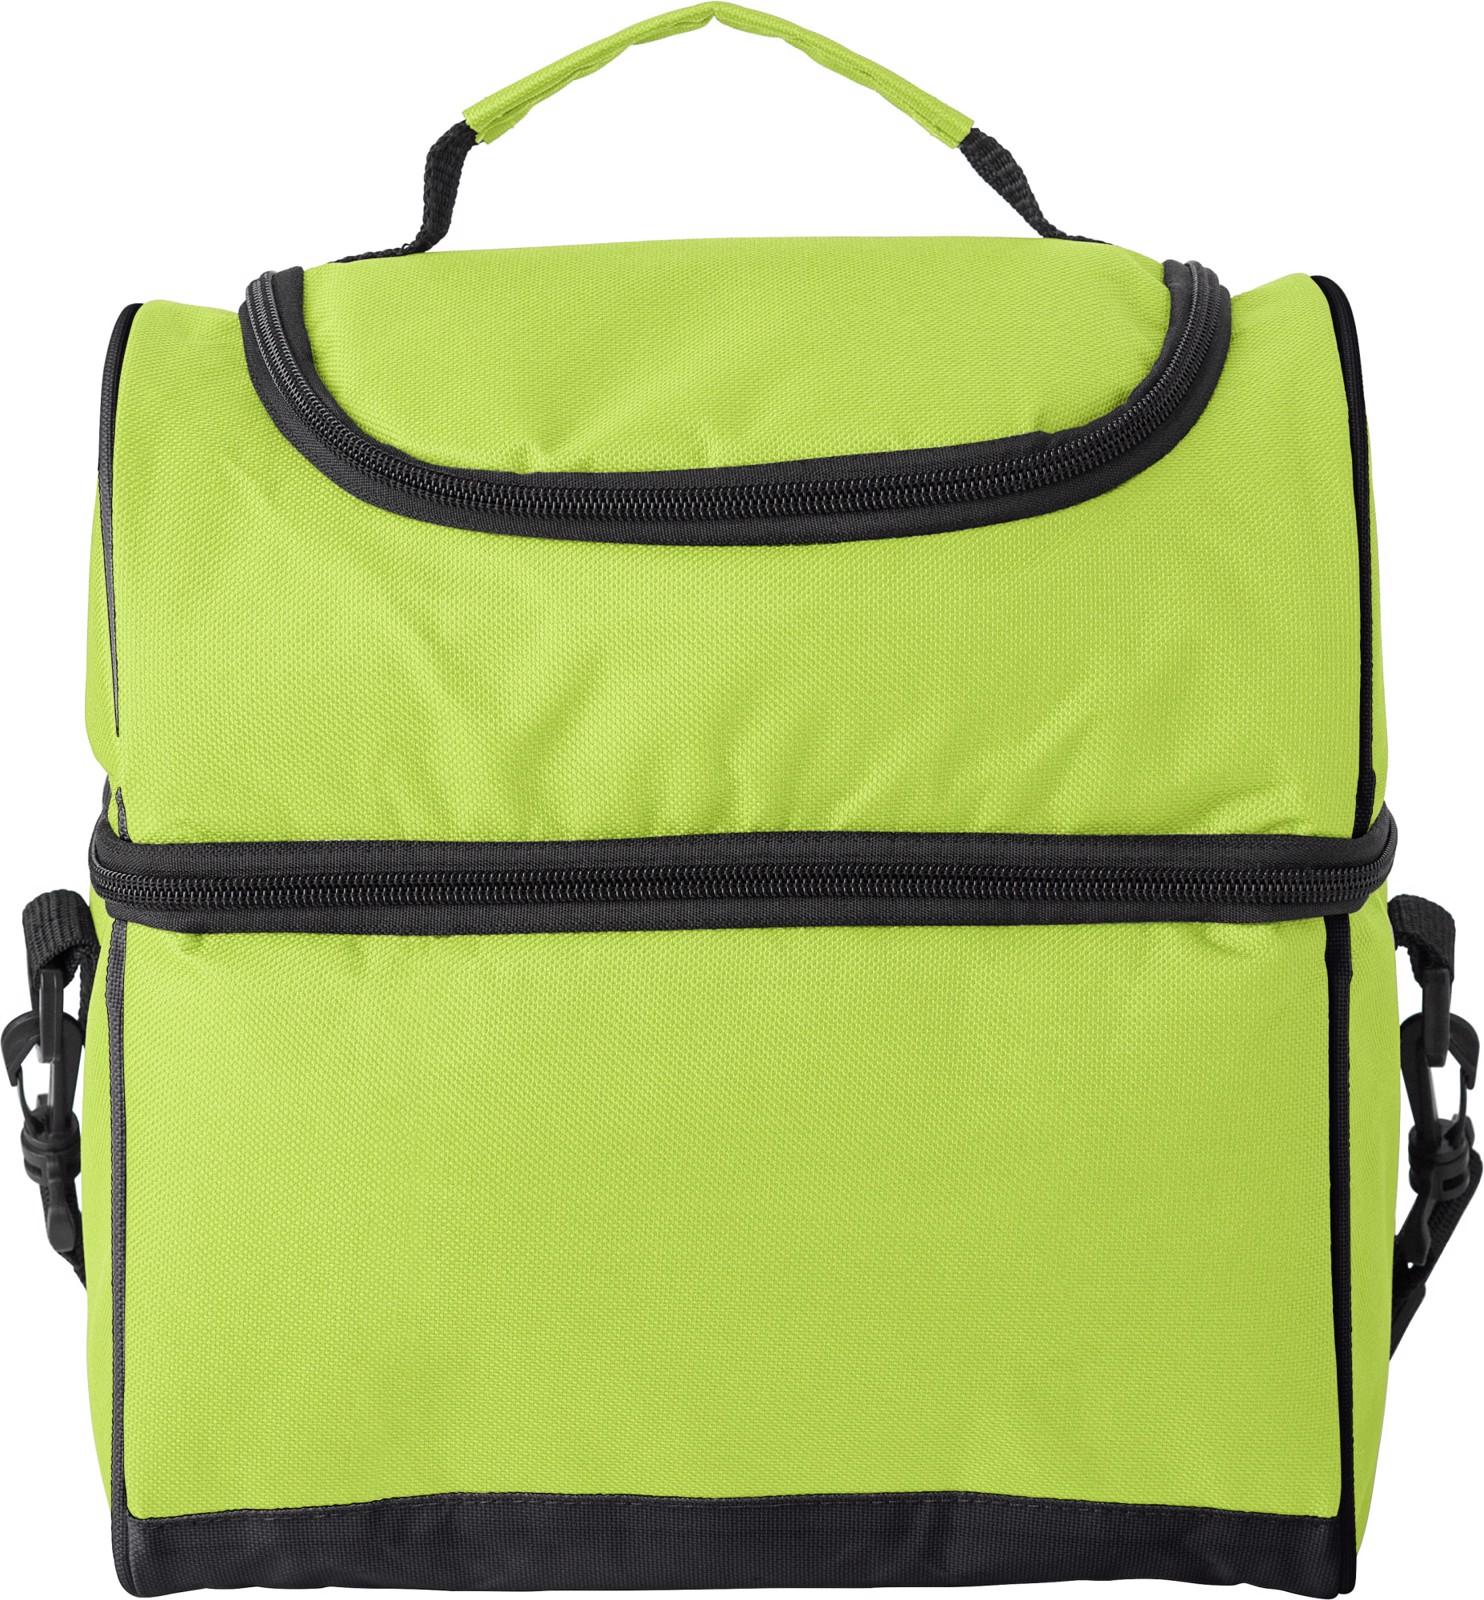 Polyester (600D) cooler bag - Lime